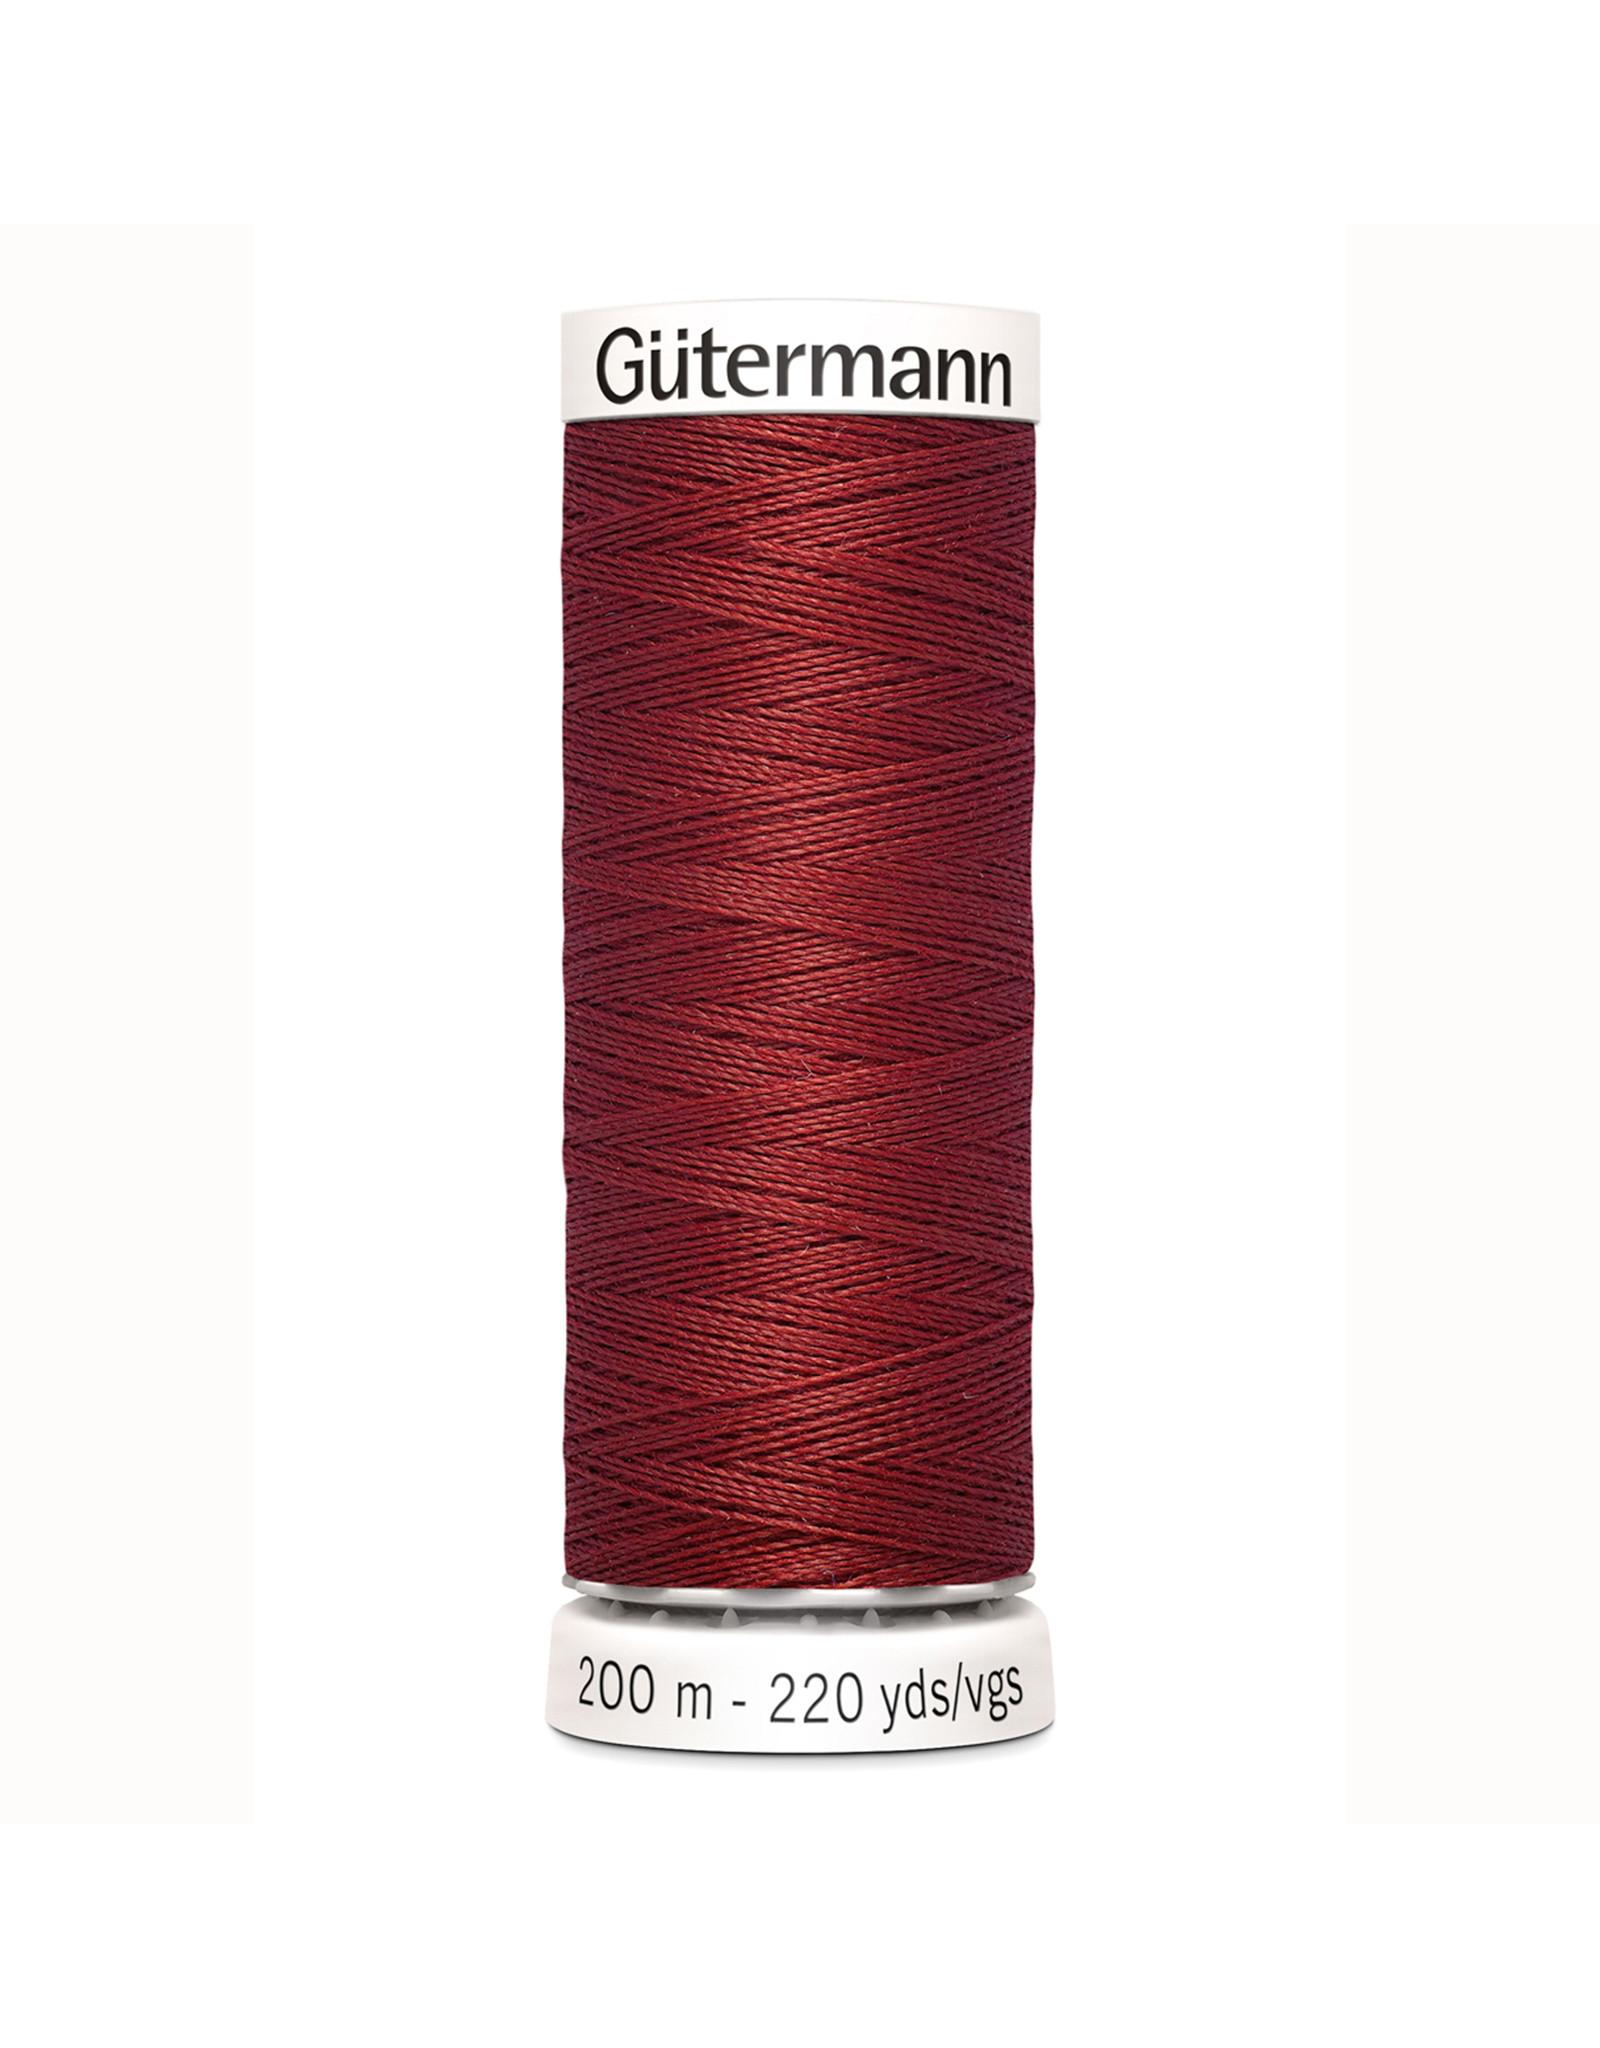 Gütermann Gütermann Nähgarn 200 m - nr 221